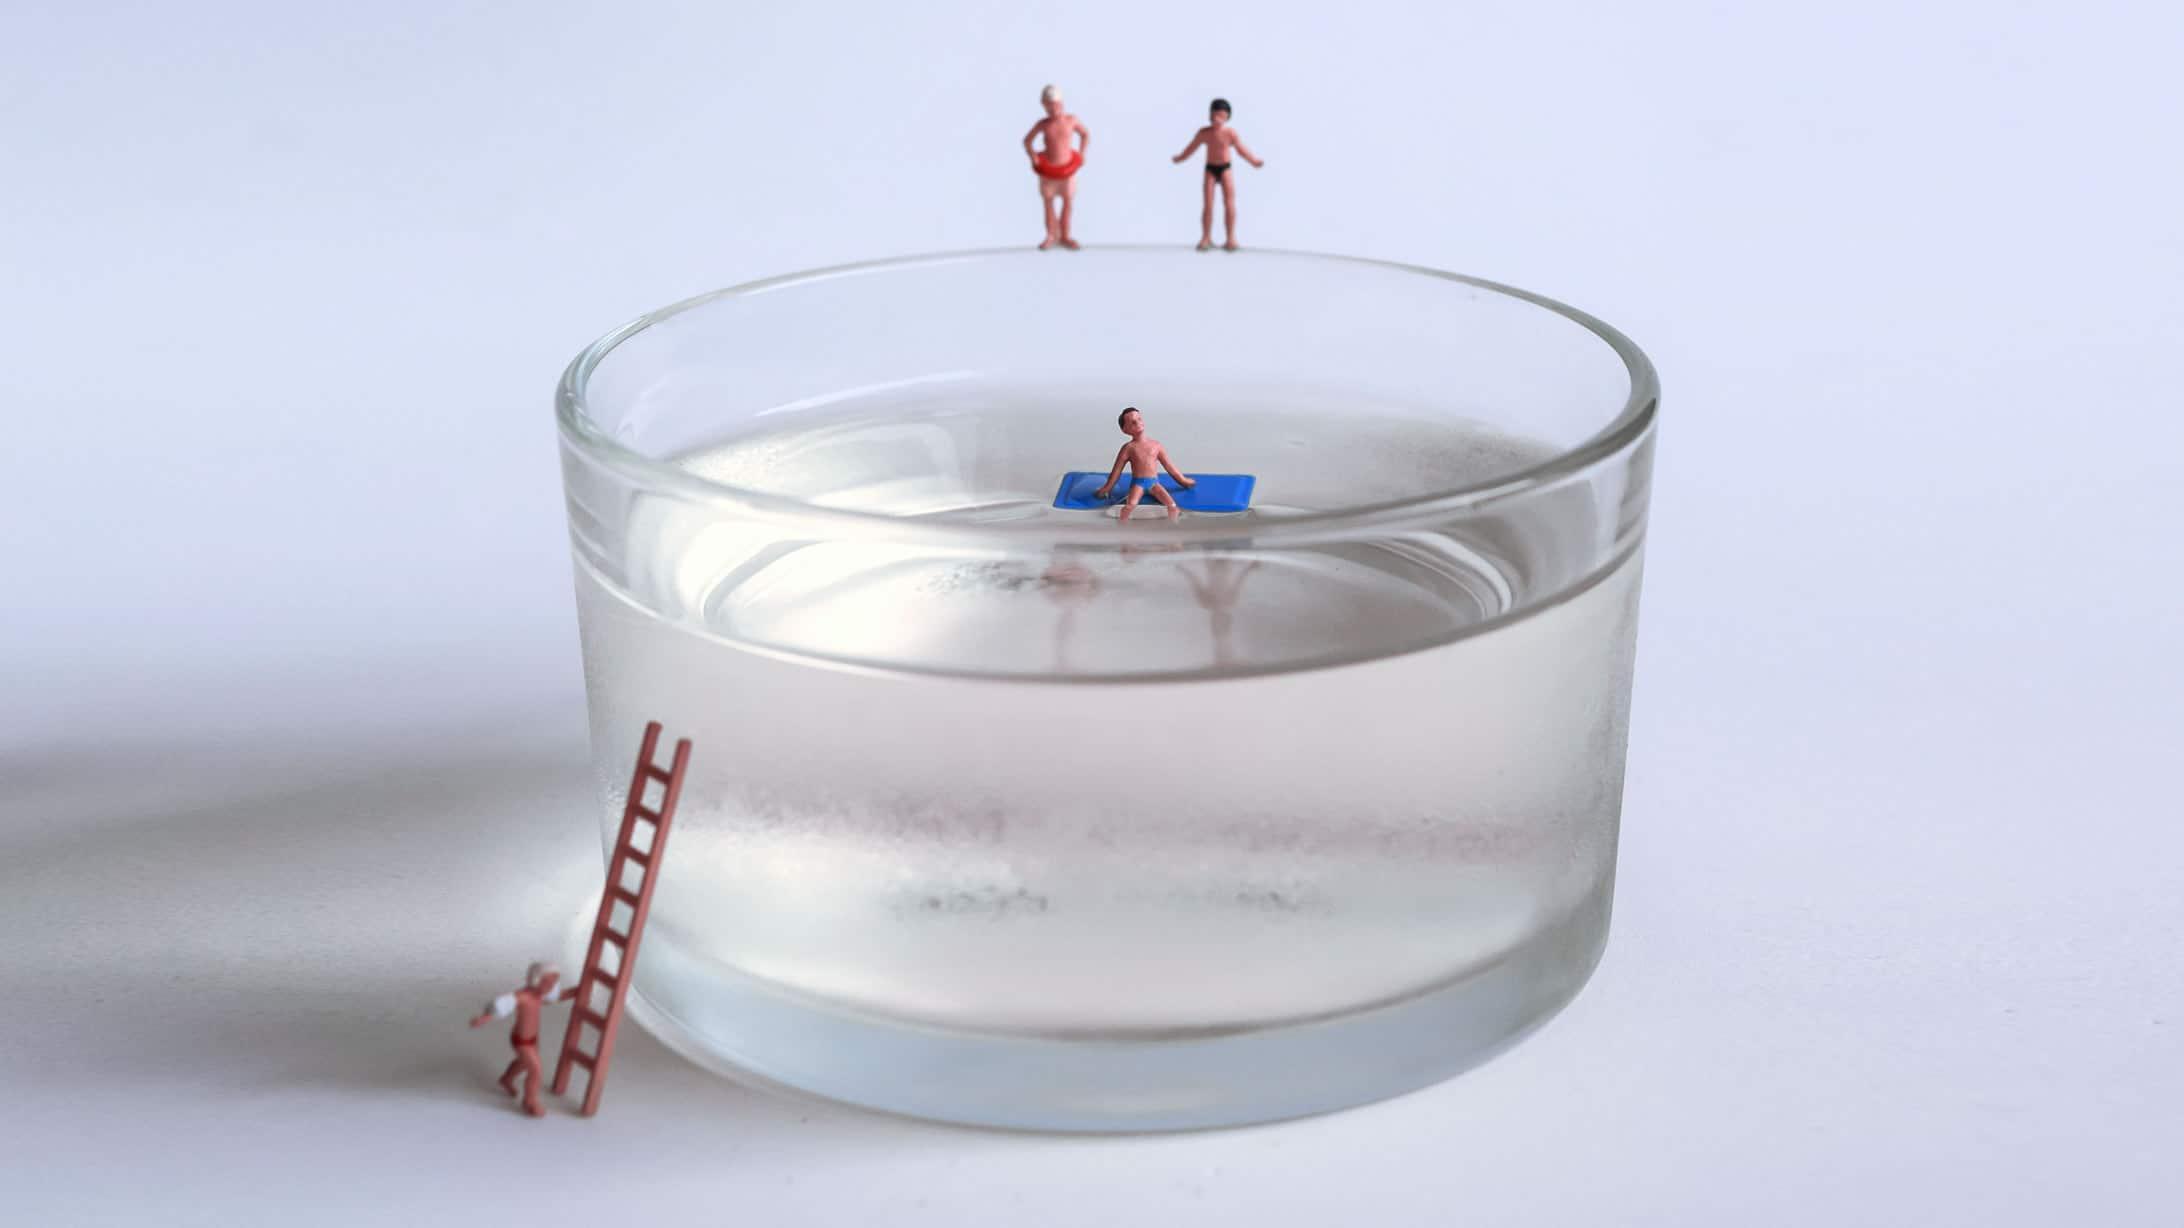 Ein Wasserglas mit mehreren kleinen Plastikfiguren auf dem Glas und im Wasser